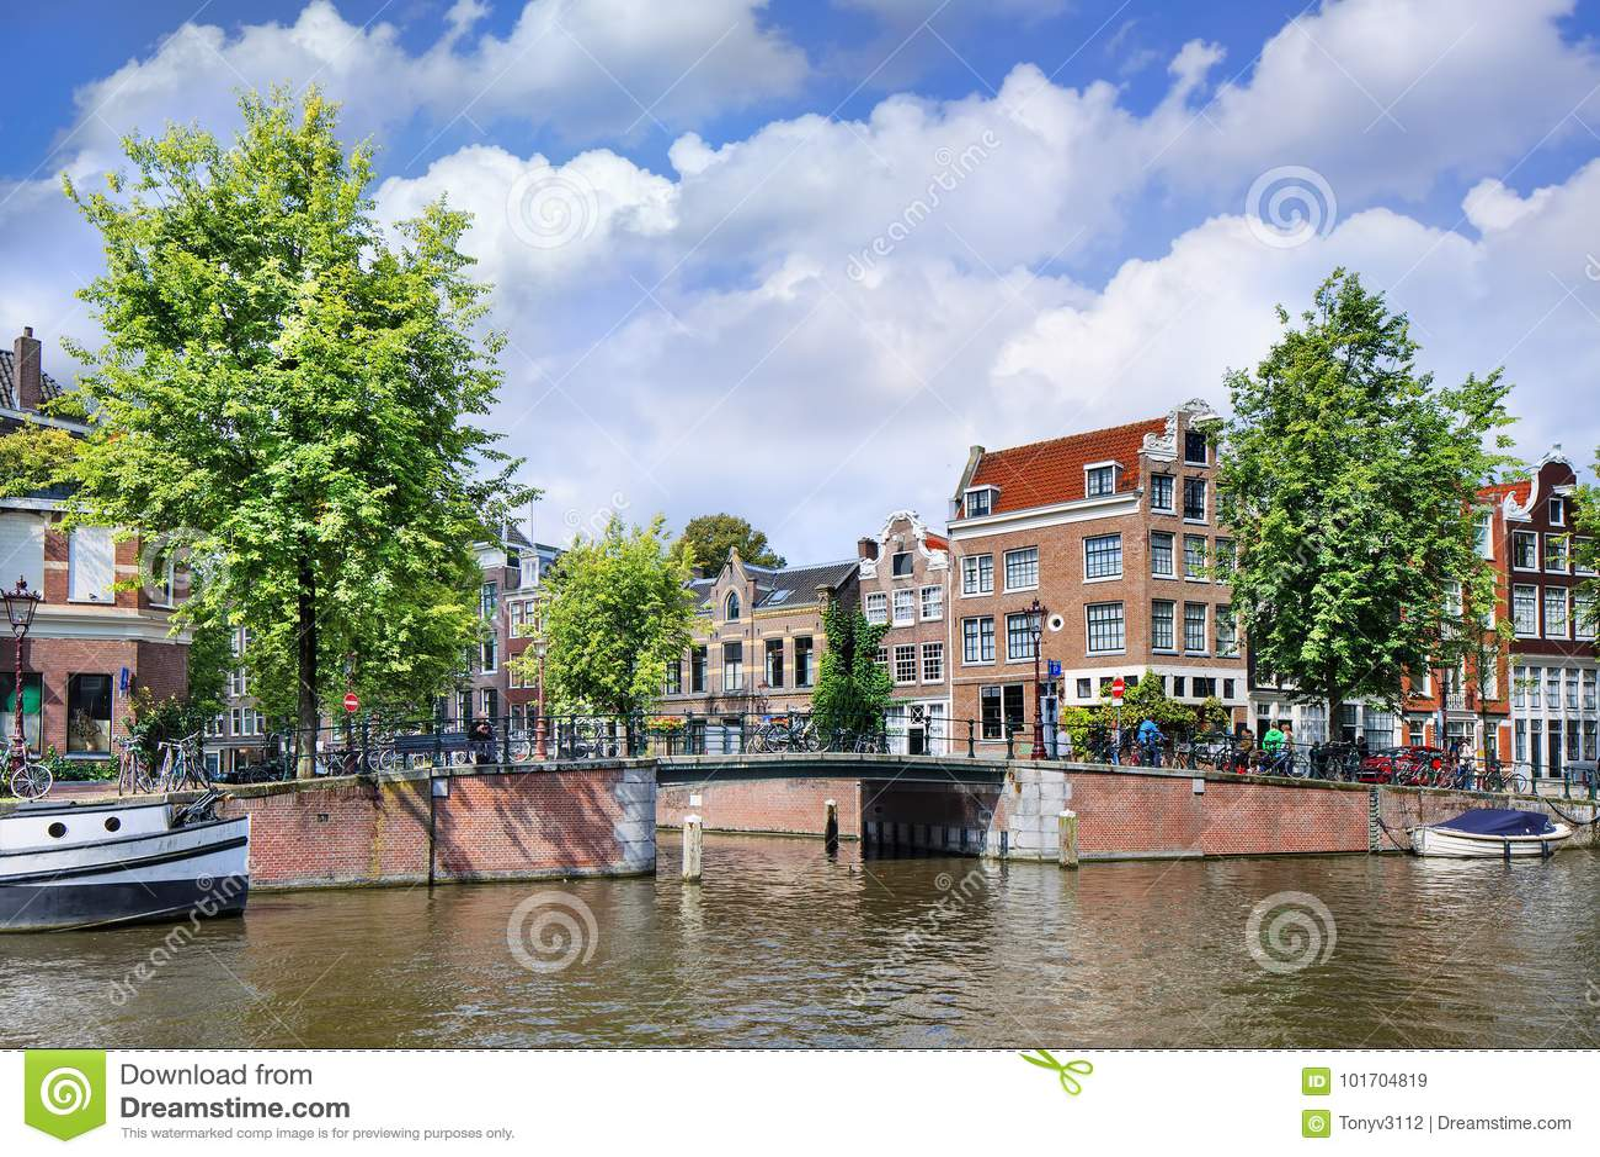 Erneuerte Villen im historischen Kanalgurt Amsterdams, Ntherlands